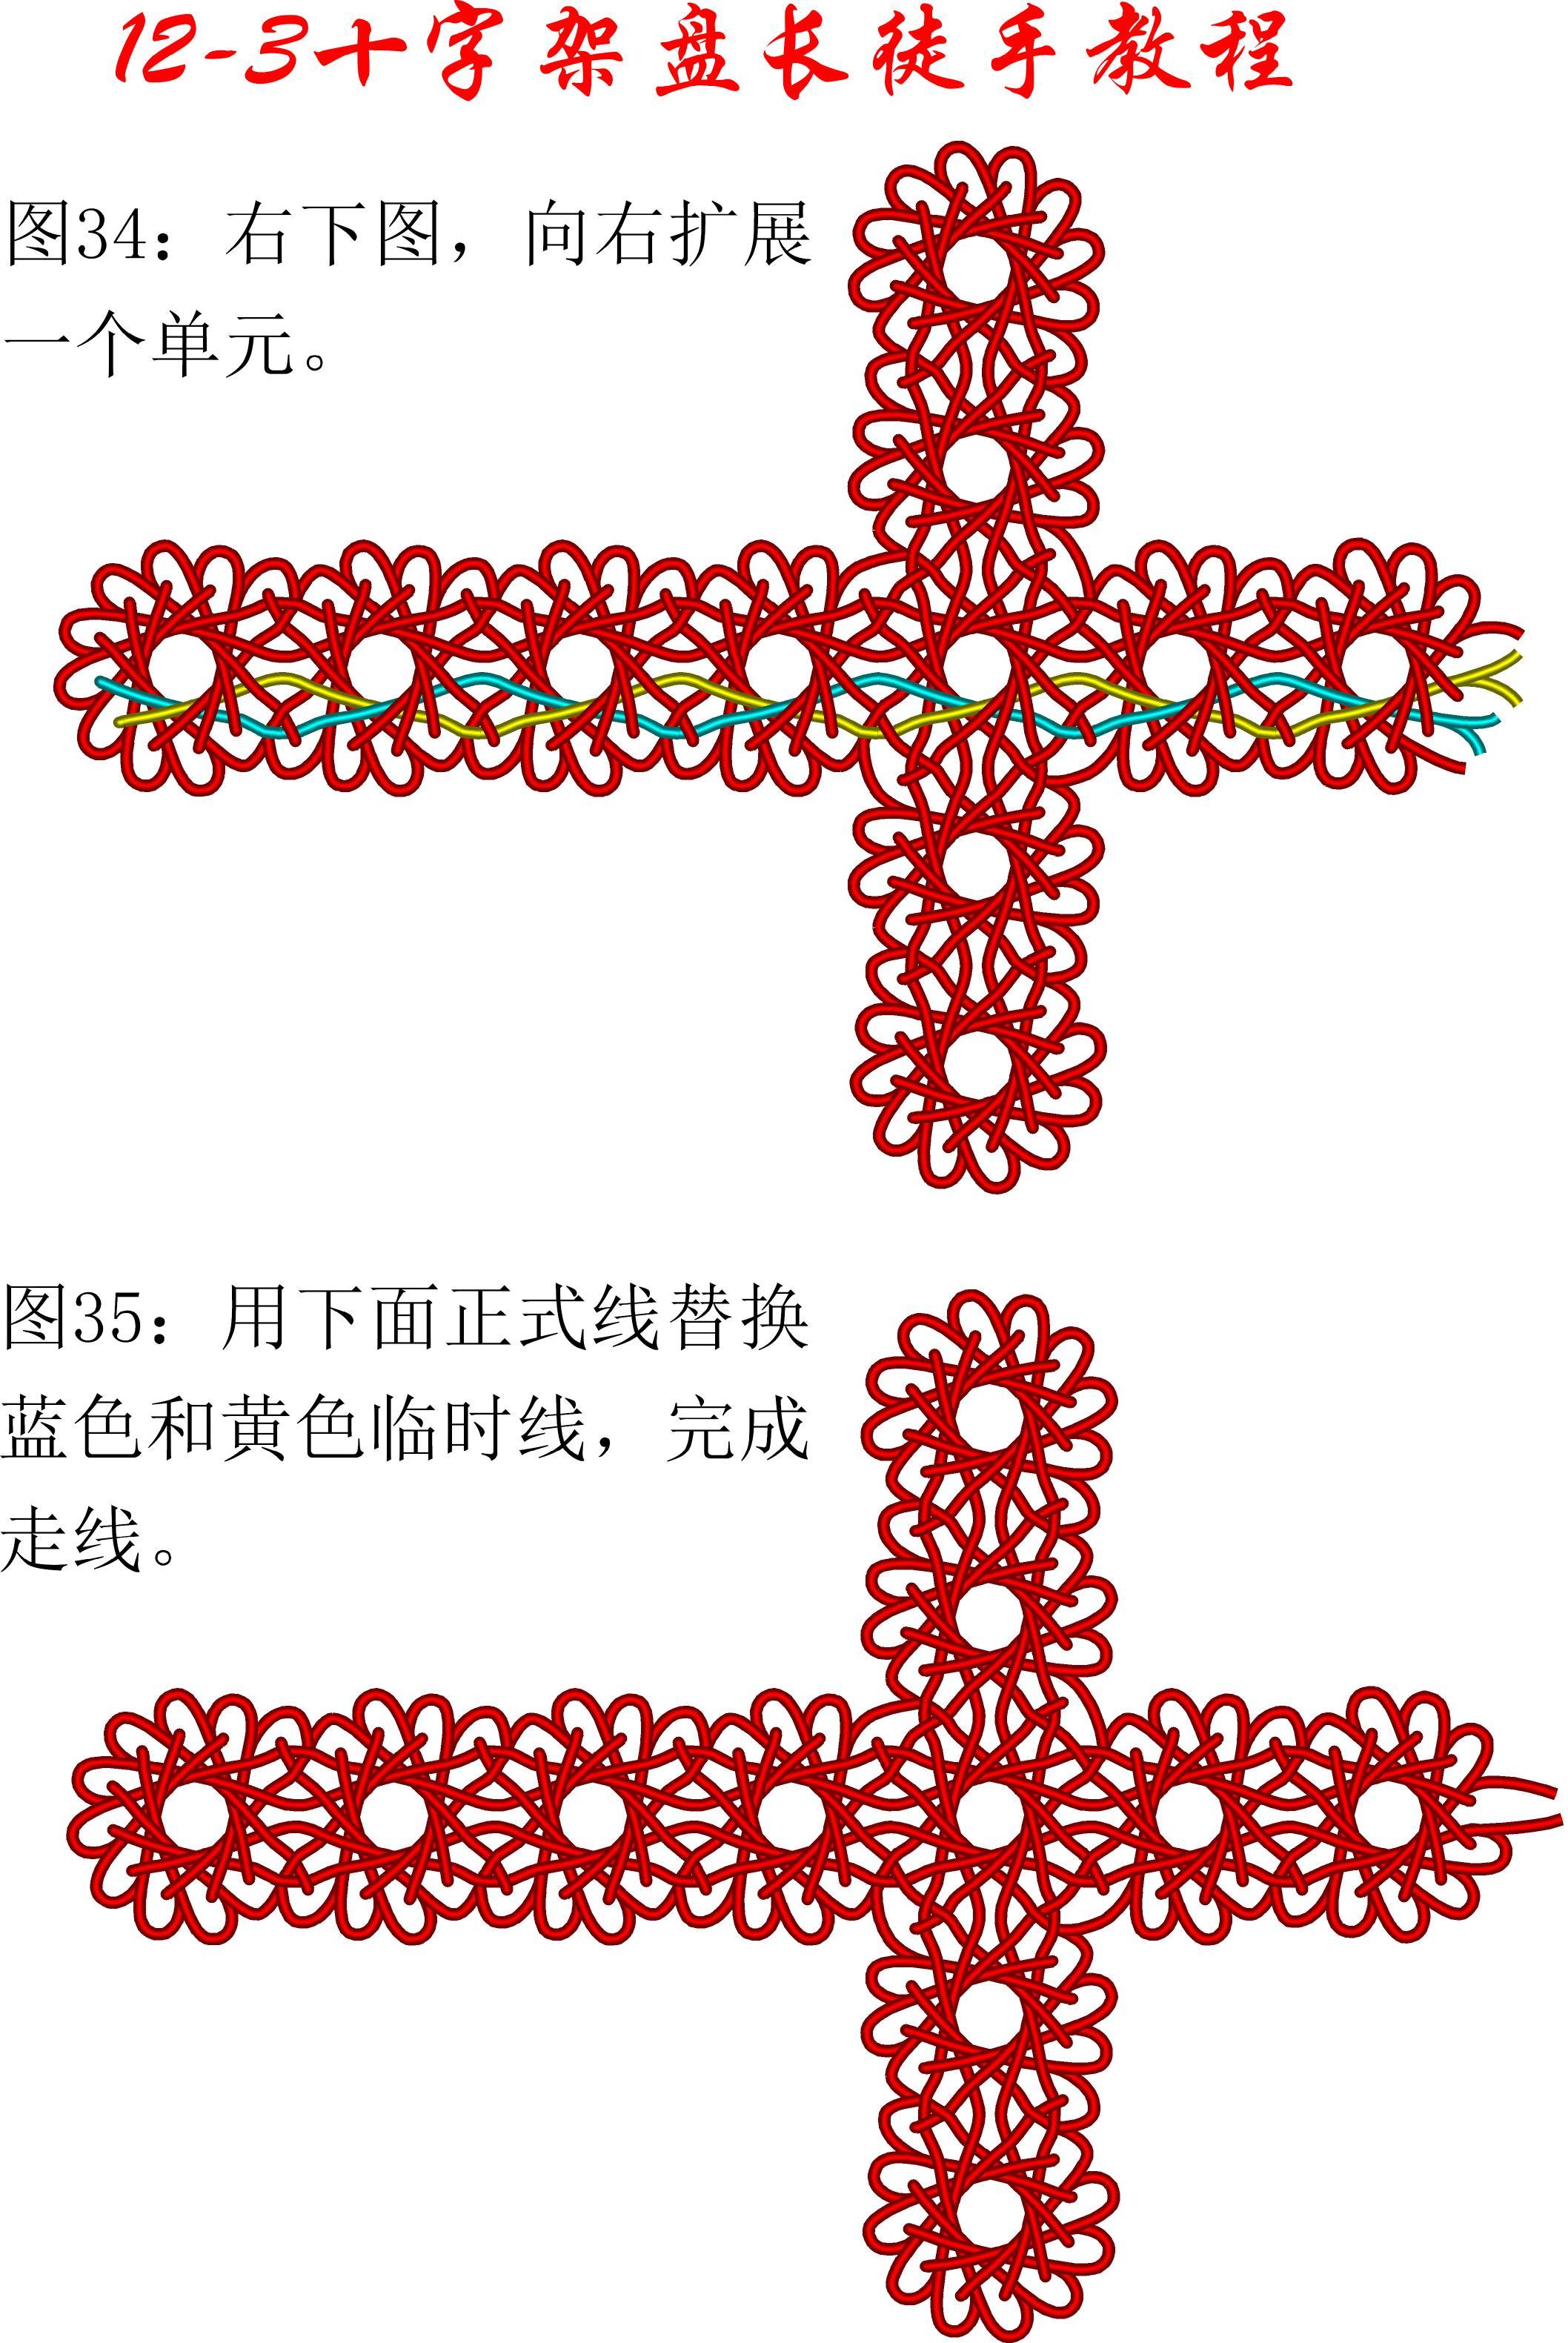 中国结论坛 12-3十字架盘长徒手教程 教程,盘纽扣结的制作方法,儿童简单的中国结编法,八盘中国结的编法图解 丑丑徒手编结 104846dhfxxn4b66boj6h4